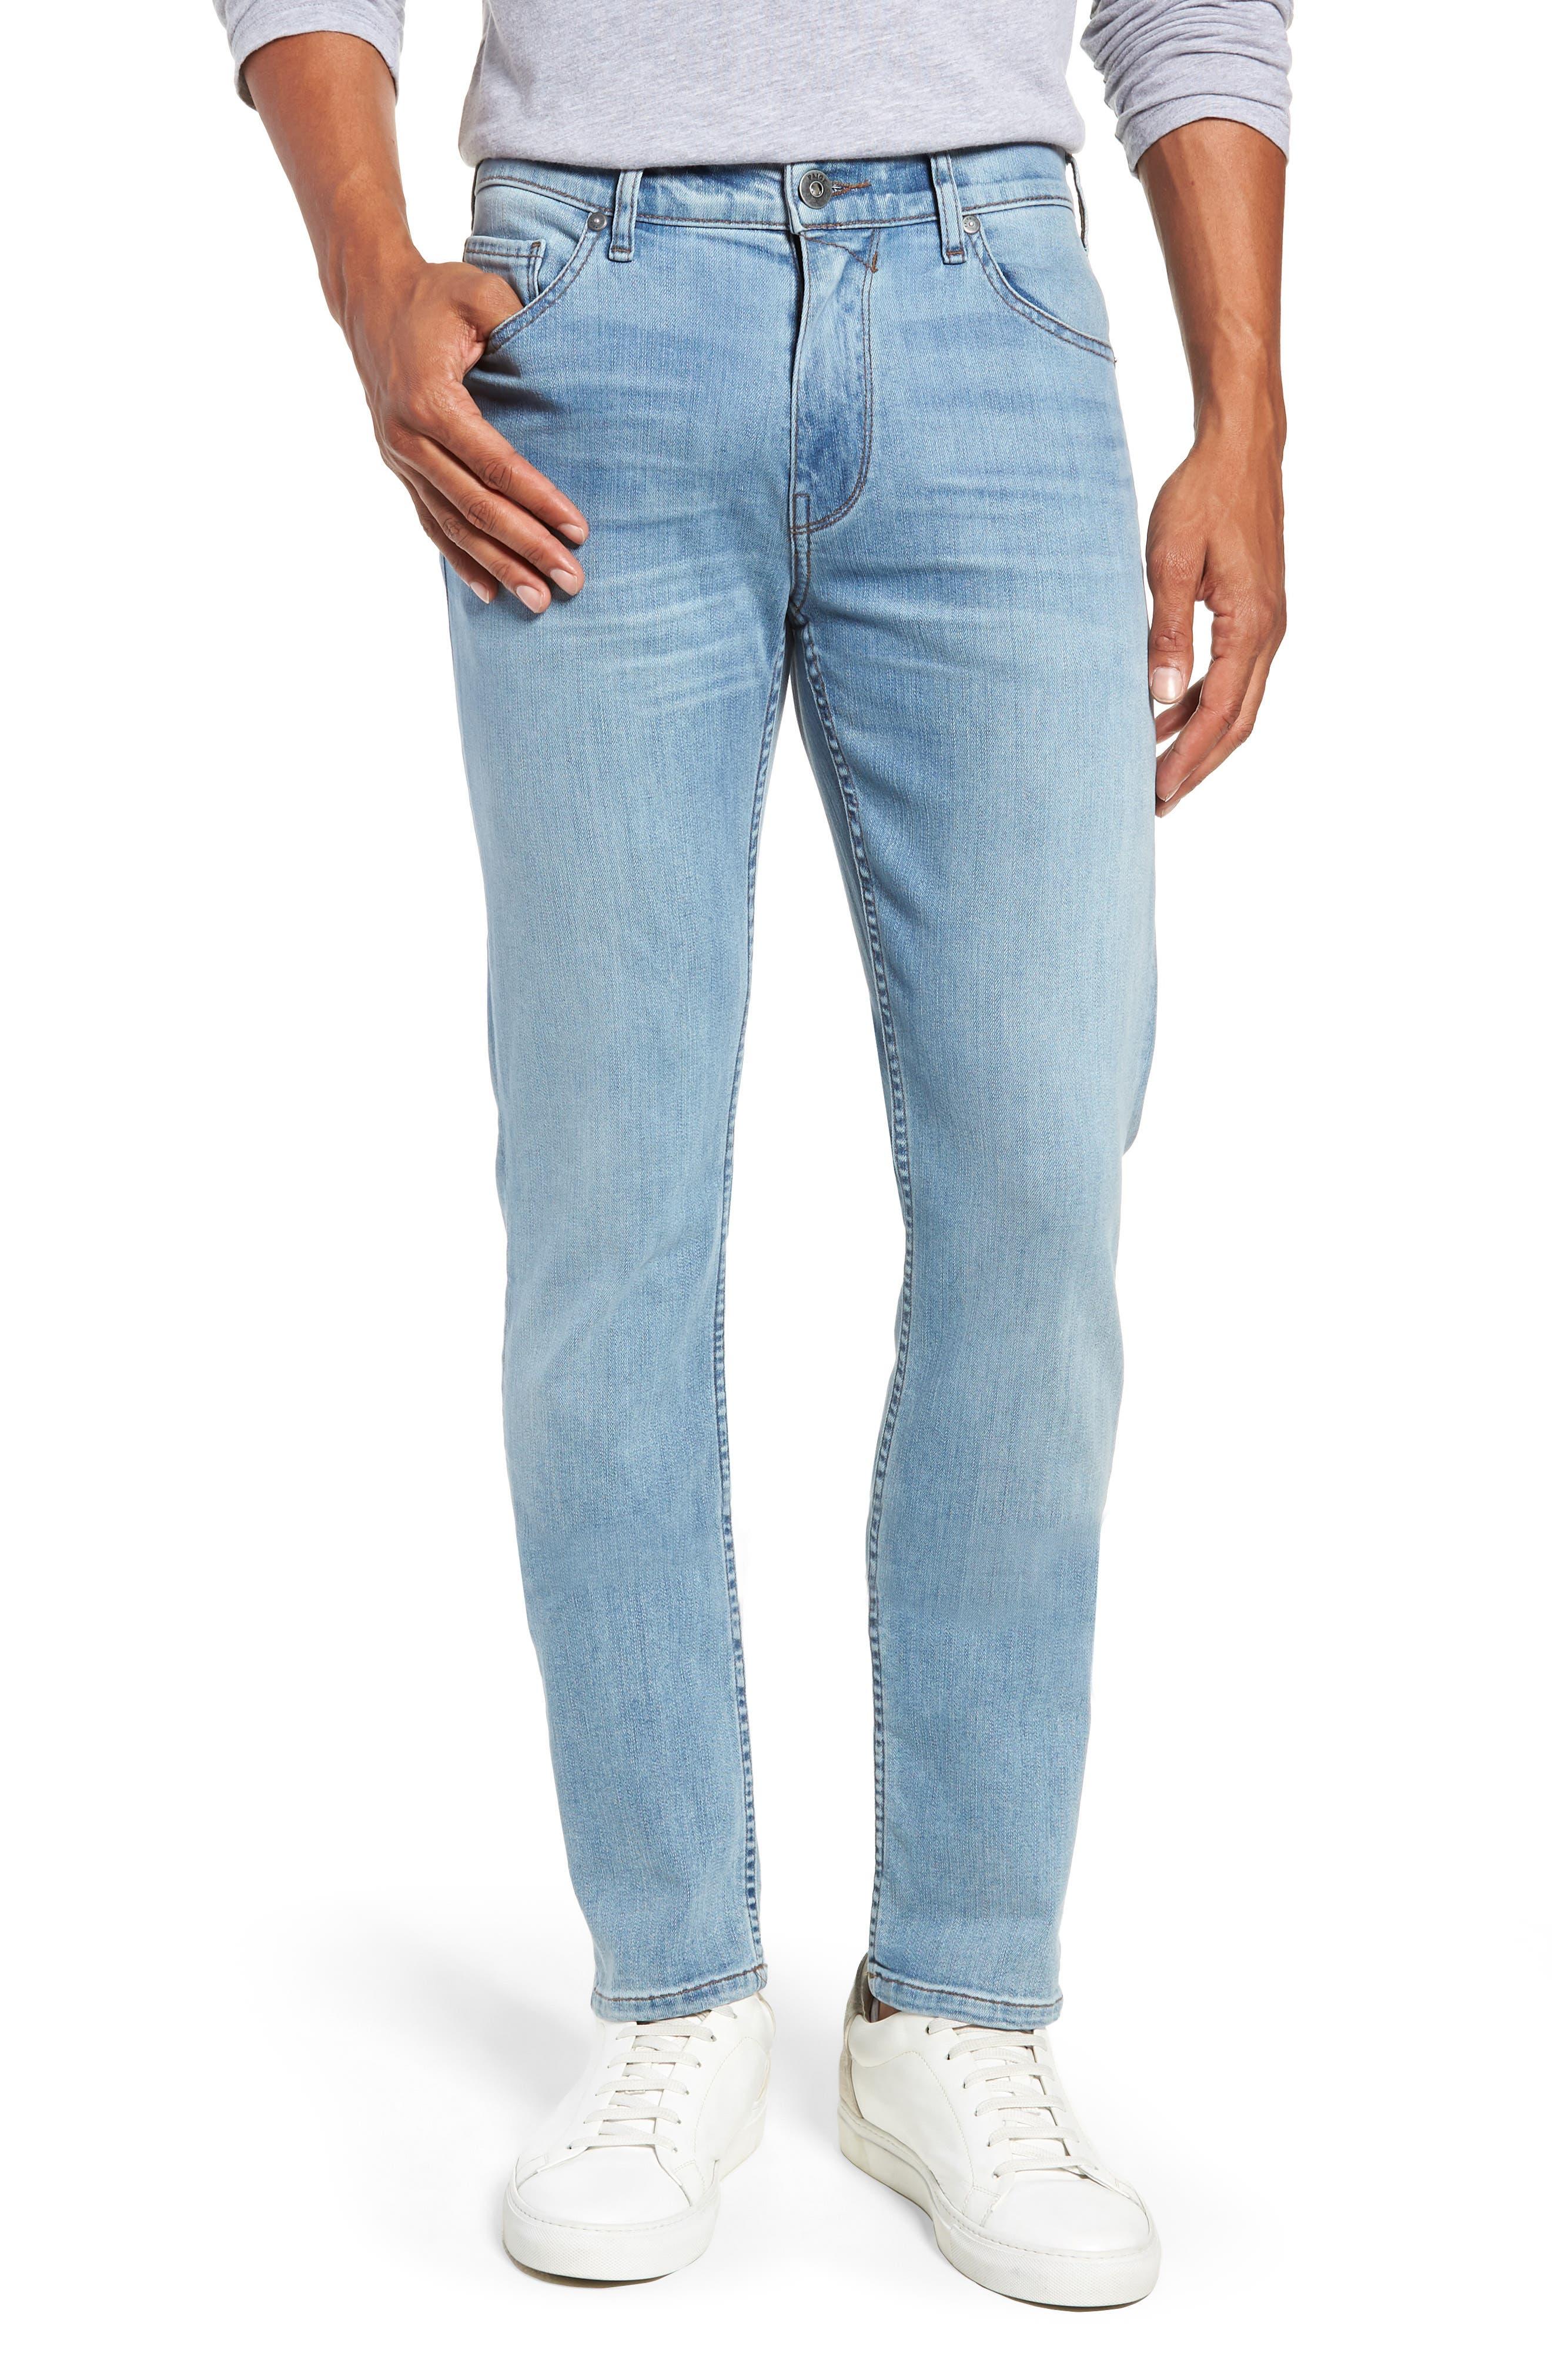 Transcend Vintage - Lennox Slim Fit Jeans,                         Main,                         color, DENVER